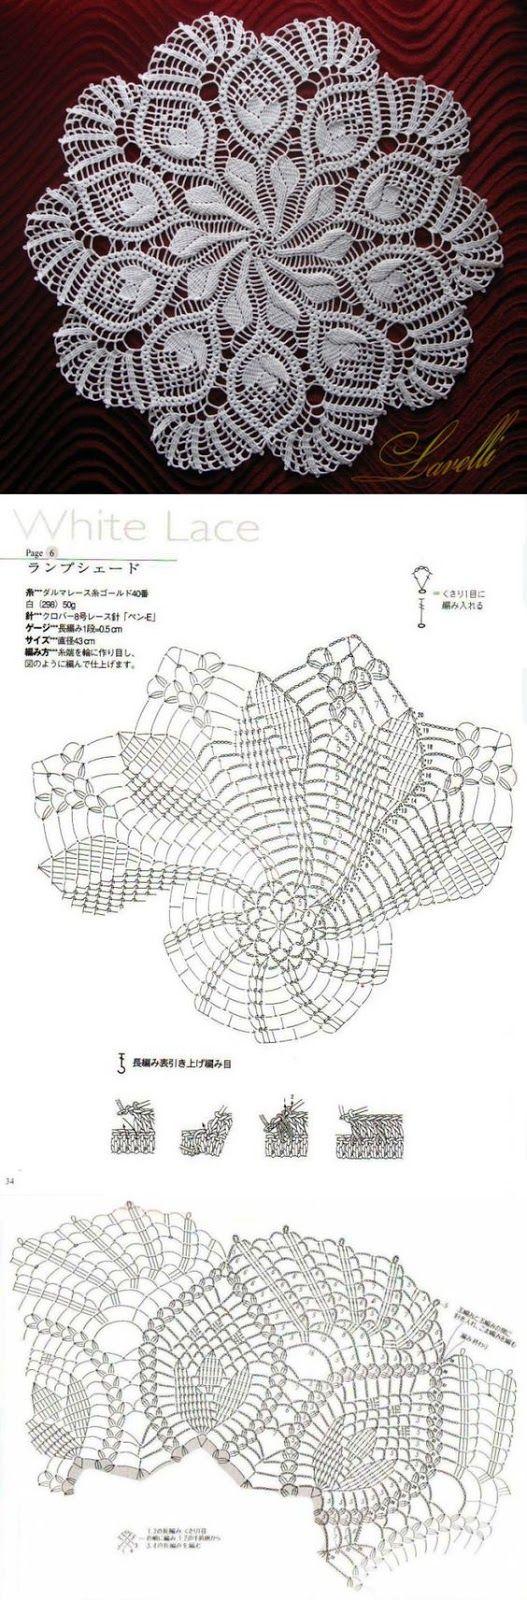 KUFER - artystyczne rękodzieło : Wzory szydełkowe